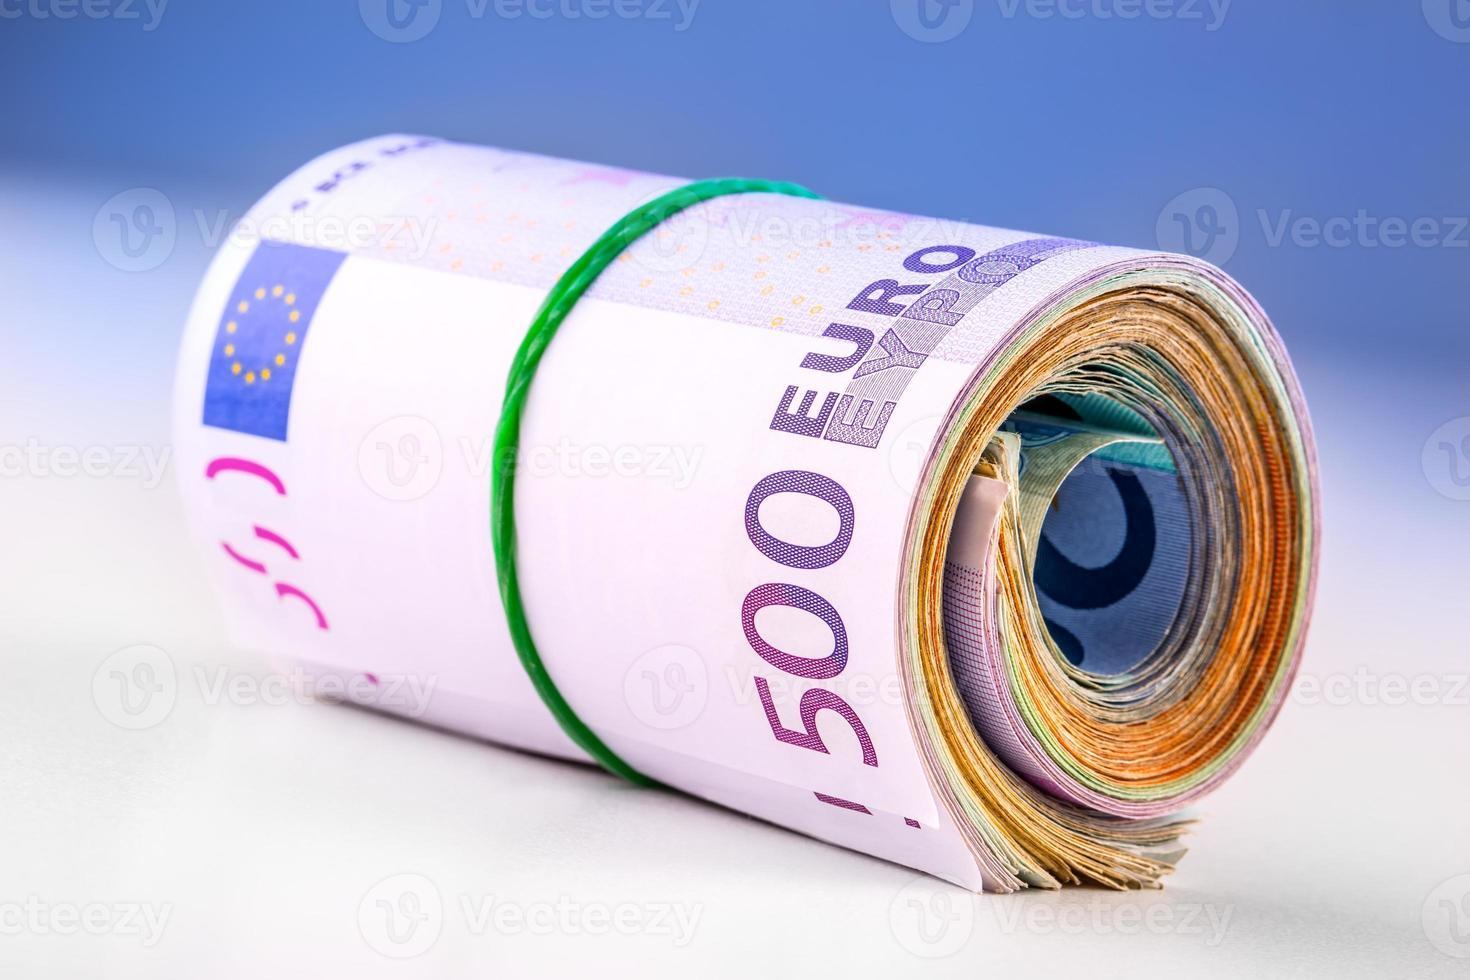 laminados en billetes de euro varios miles. foto